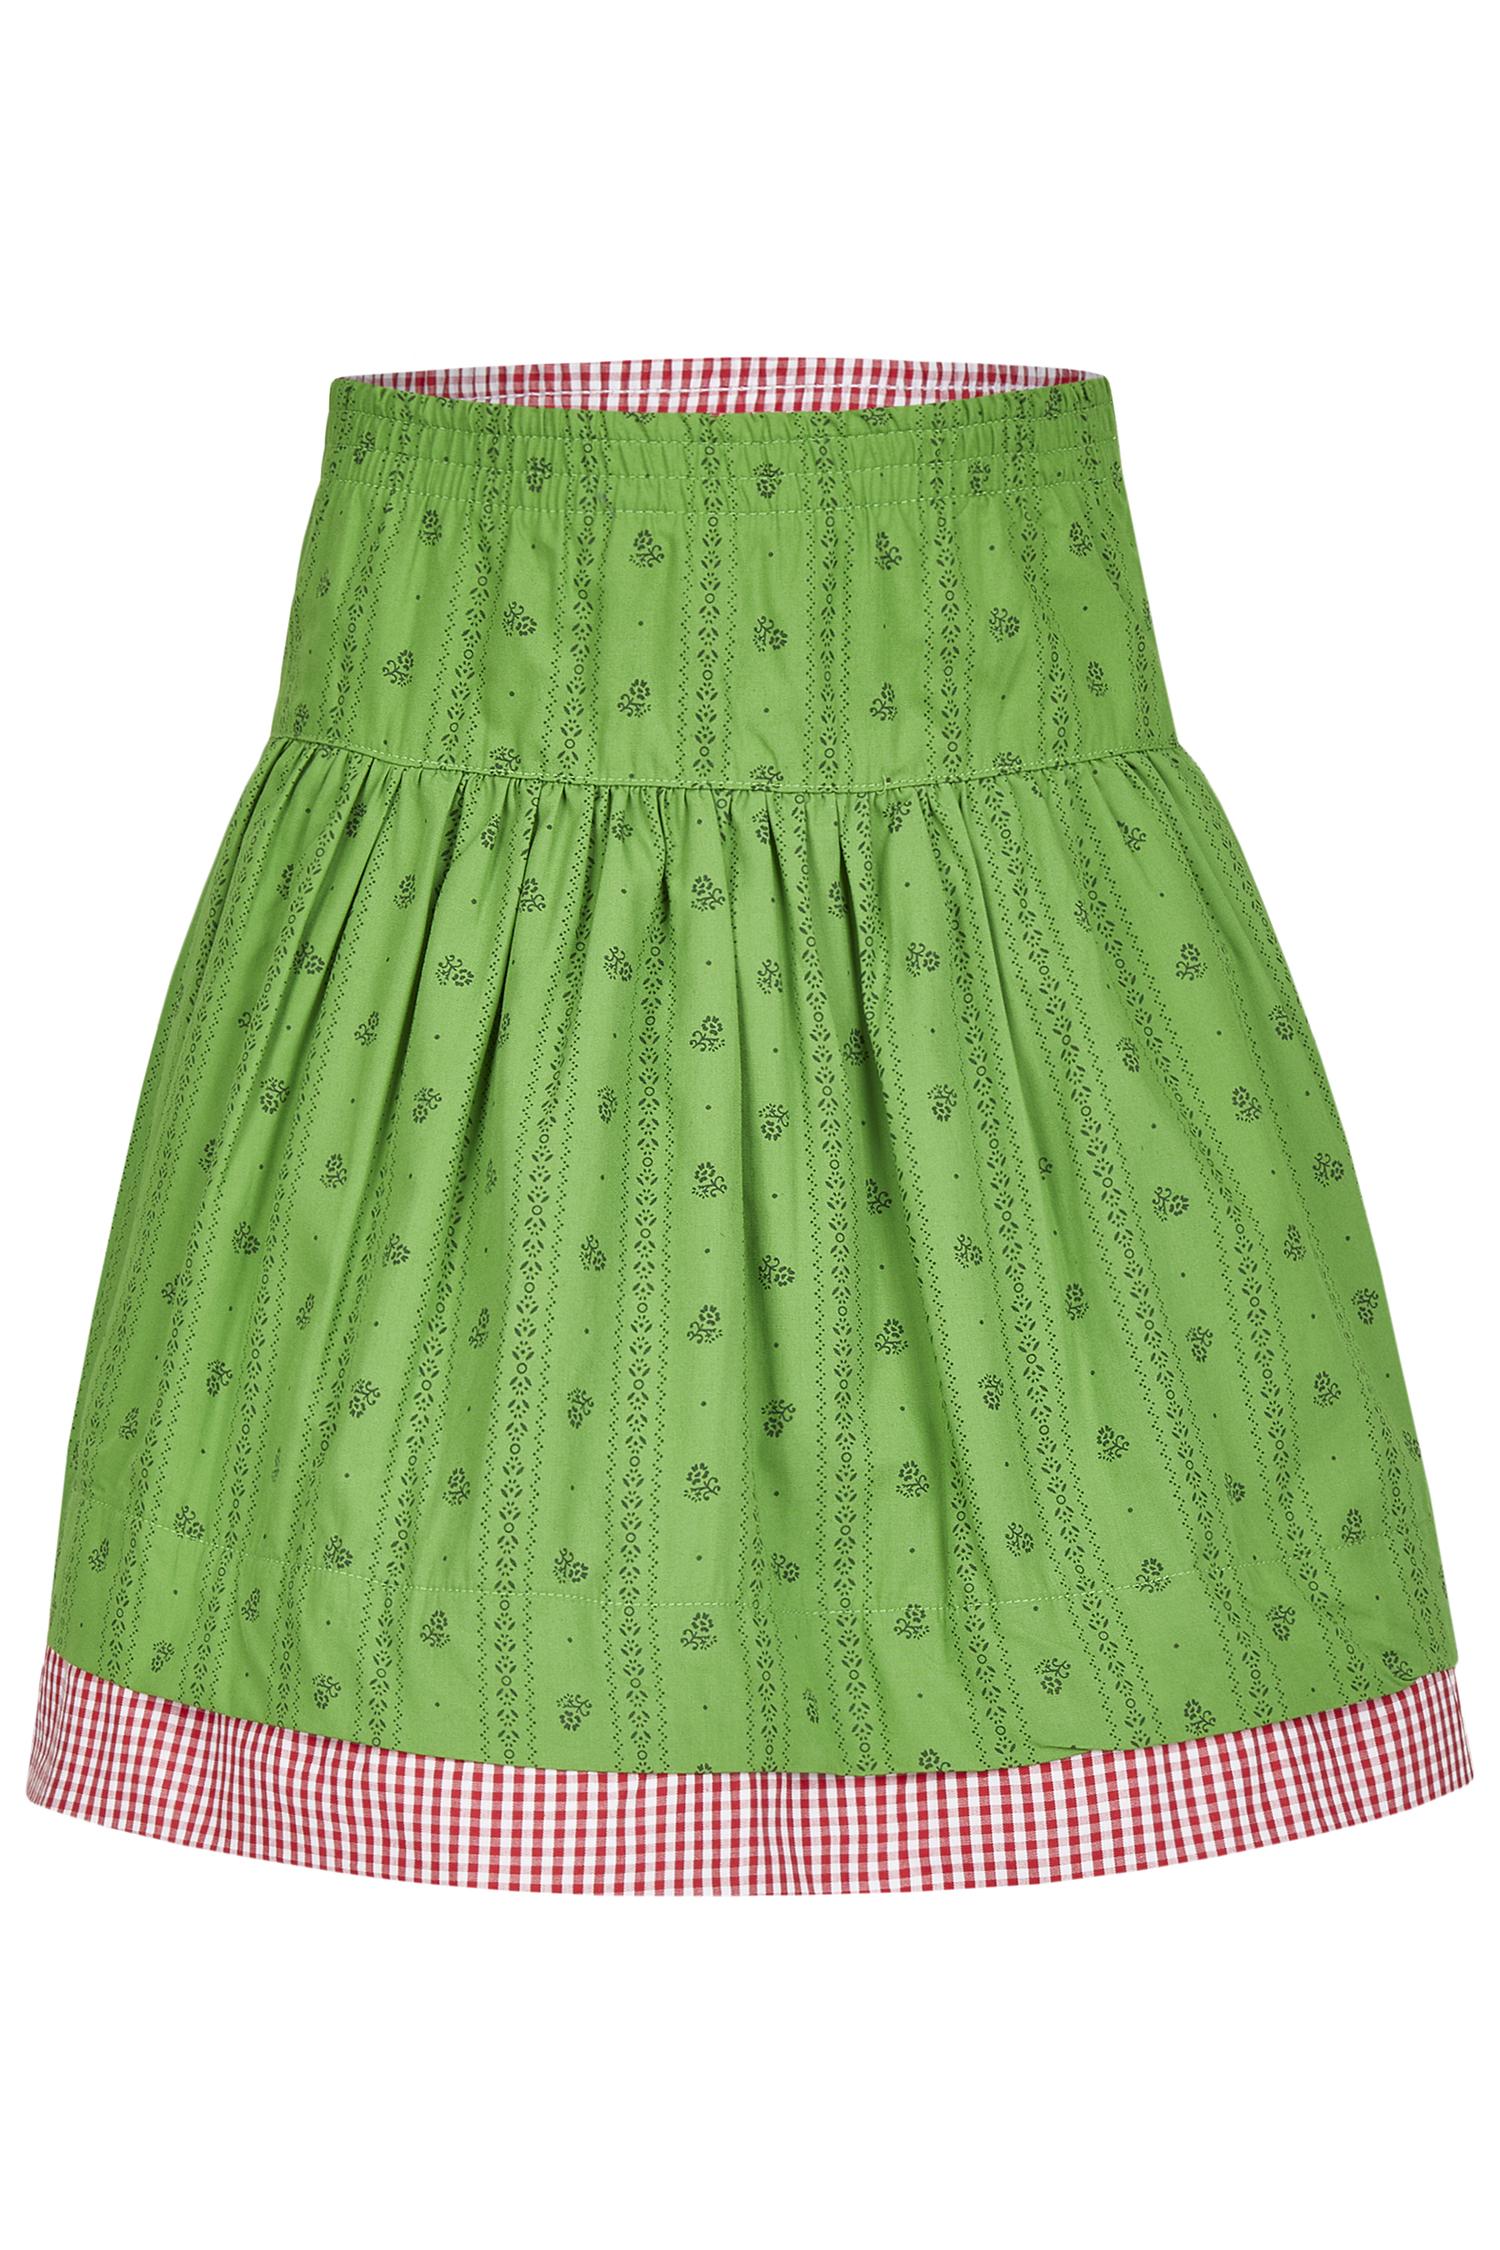 Kinder Wenderock 92 | grün